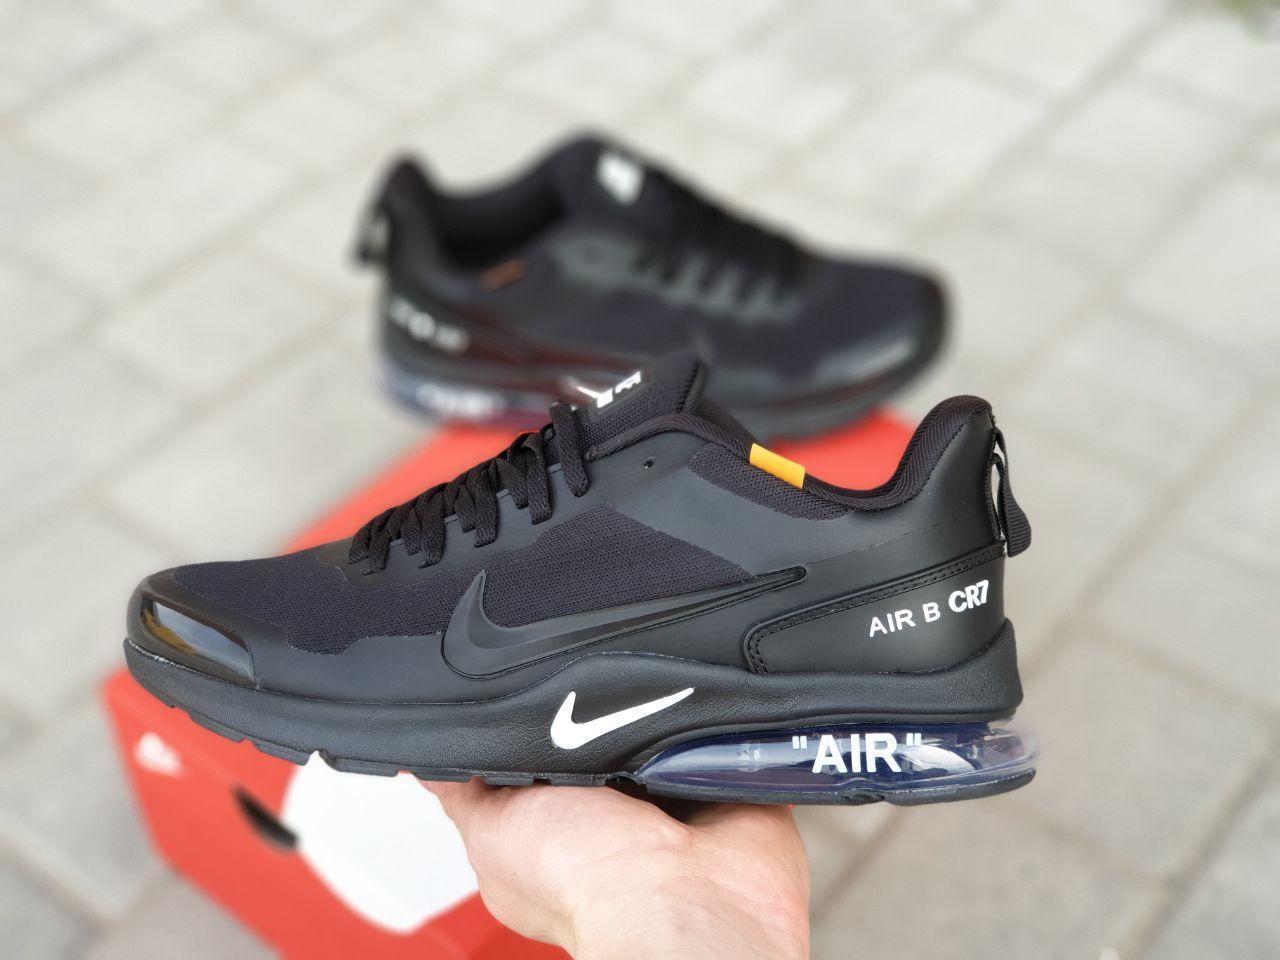 Чоловічі кросівки Nike Air Presto CR7 Black сітка, чорні кросівки в стилі Найк Аїр Престо